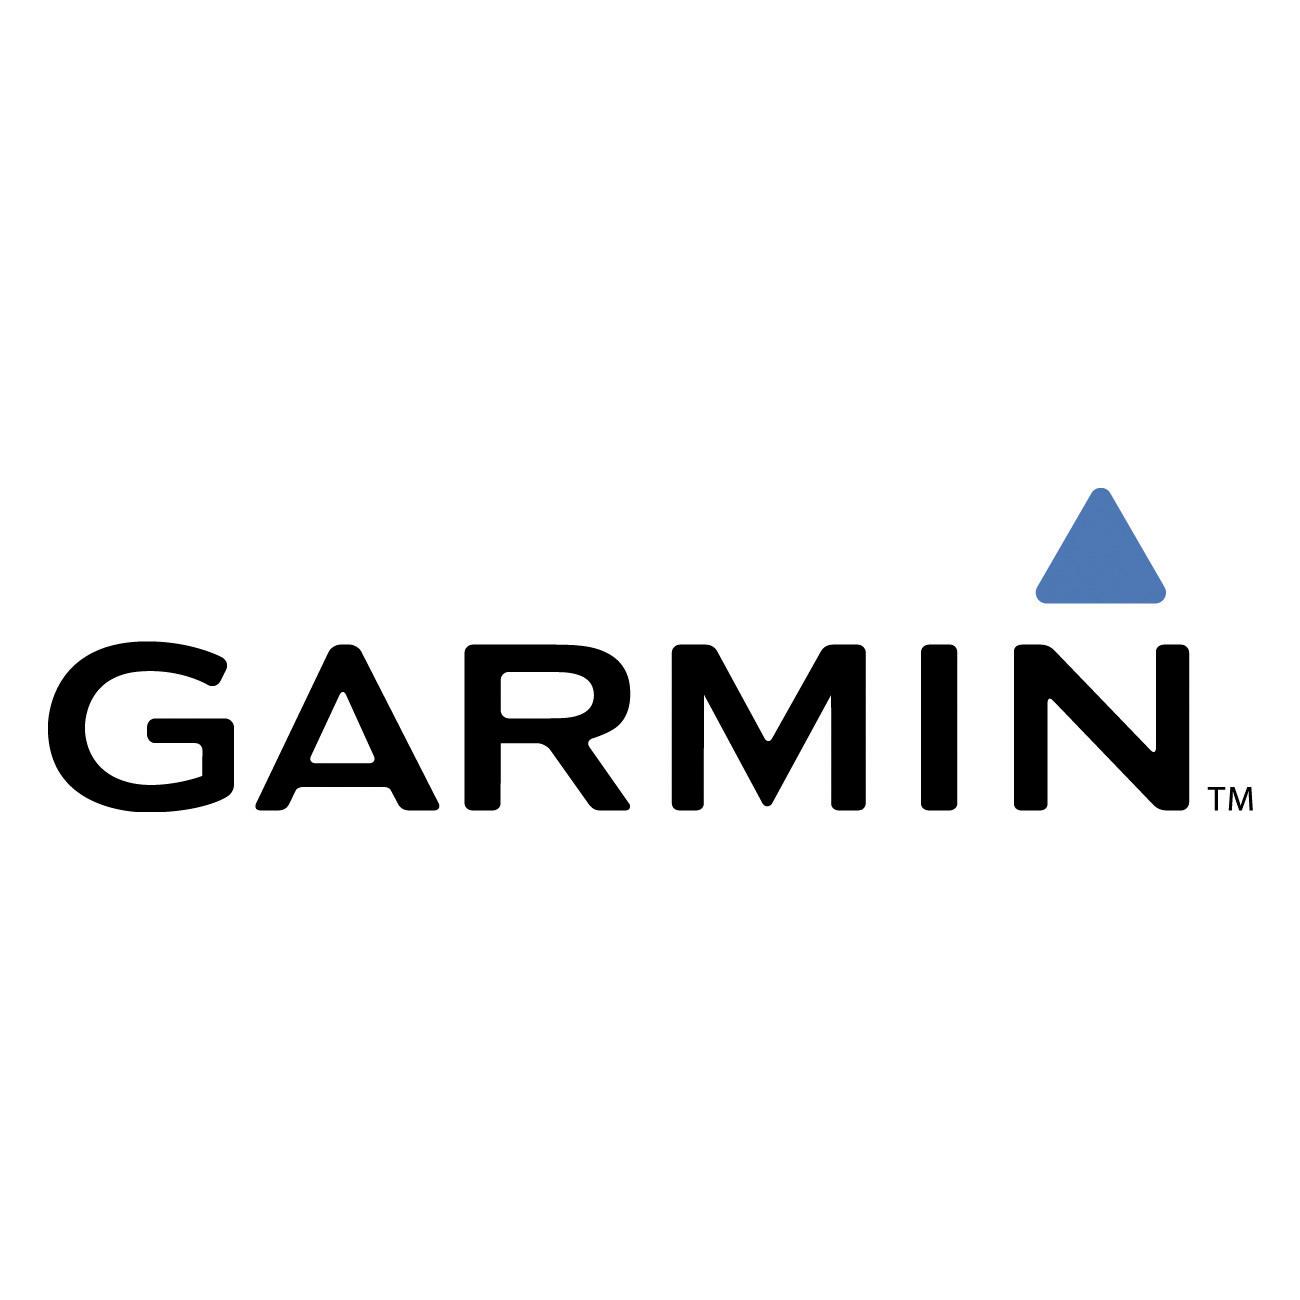 Garmin Logo Clipart.